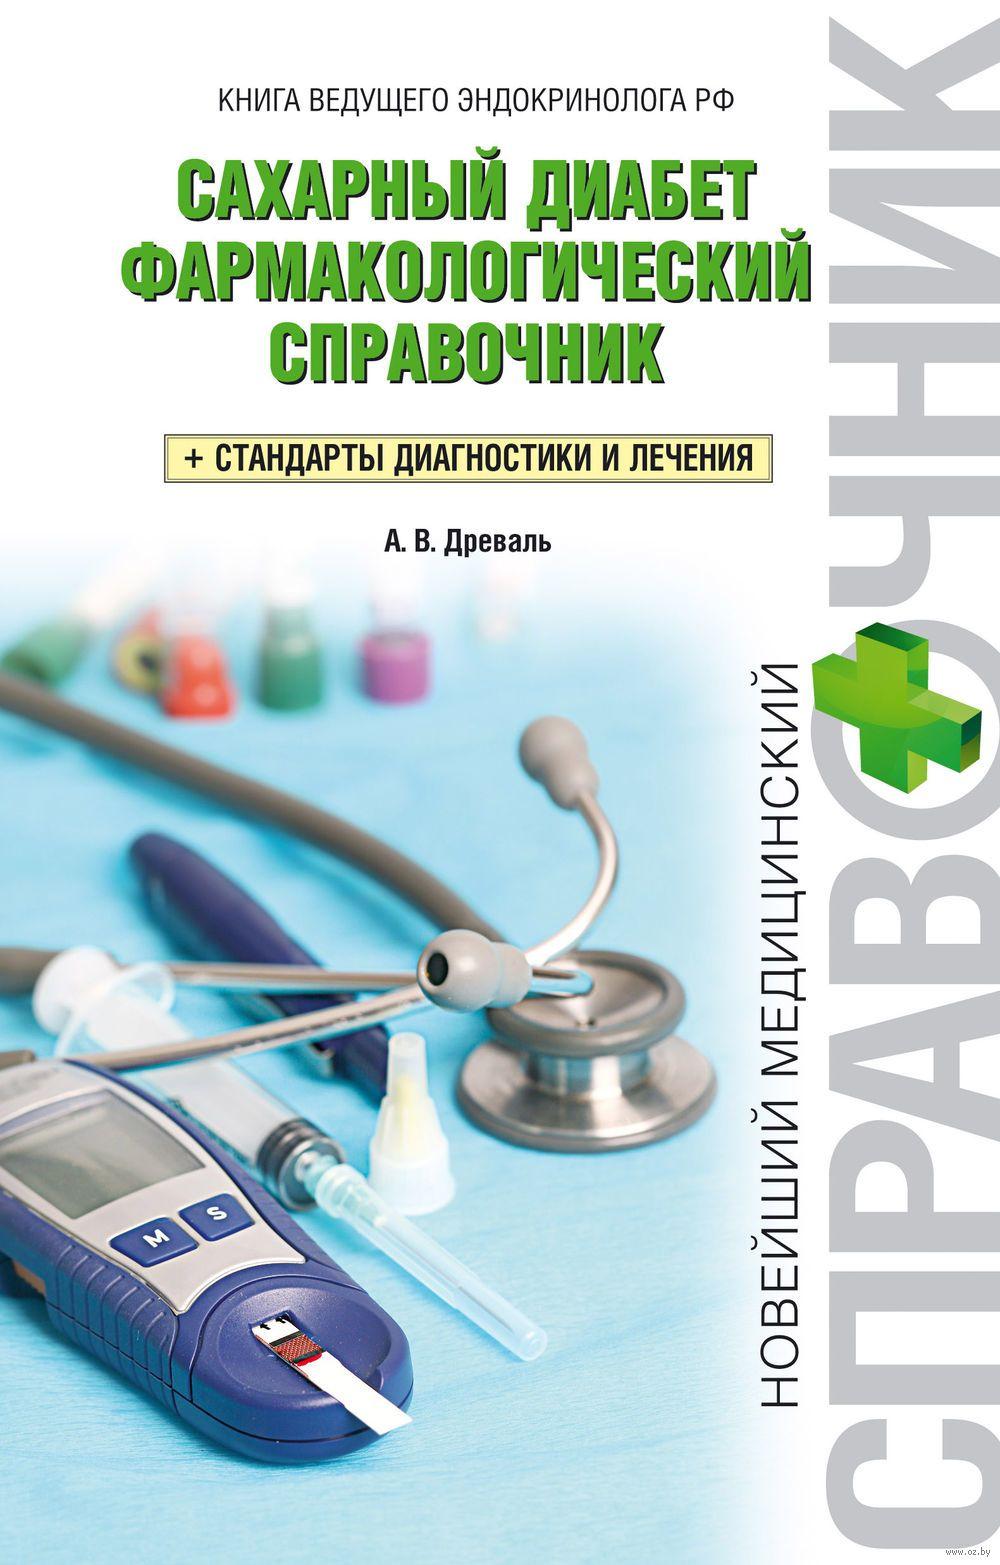 Сахарный диабет лечение по фармакологии